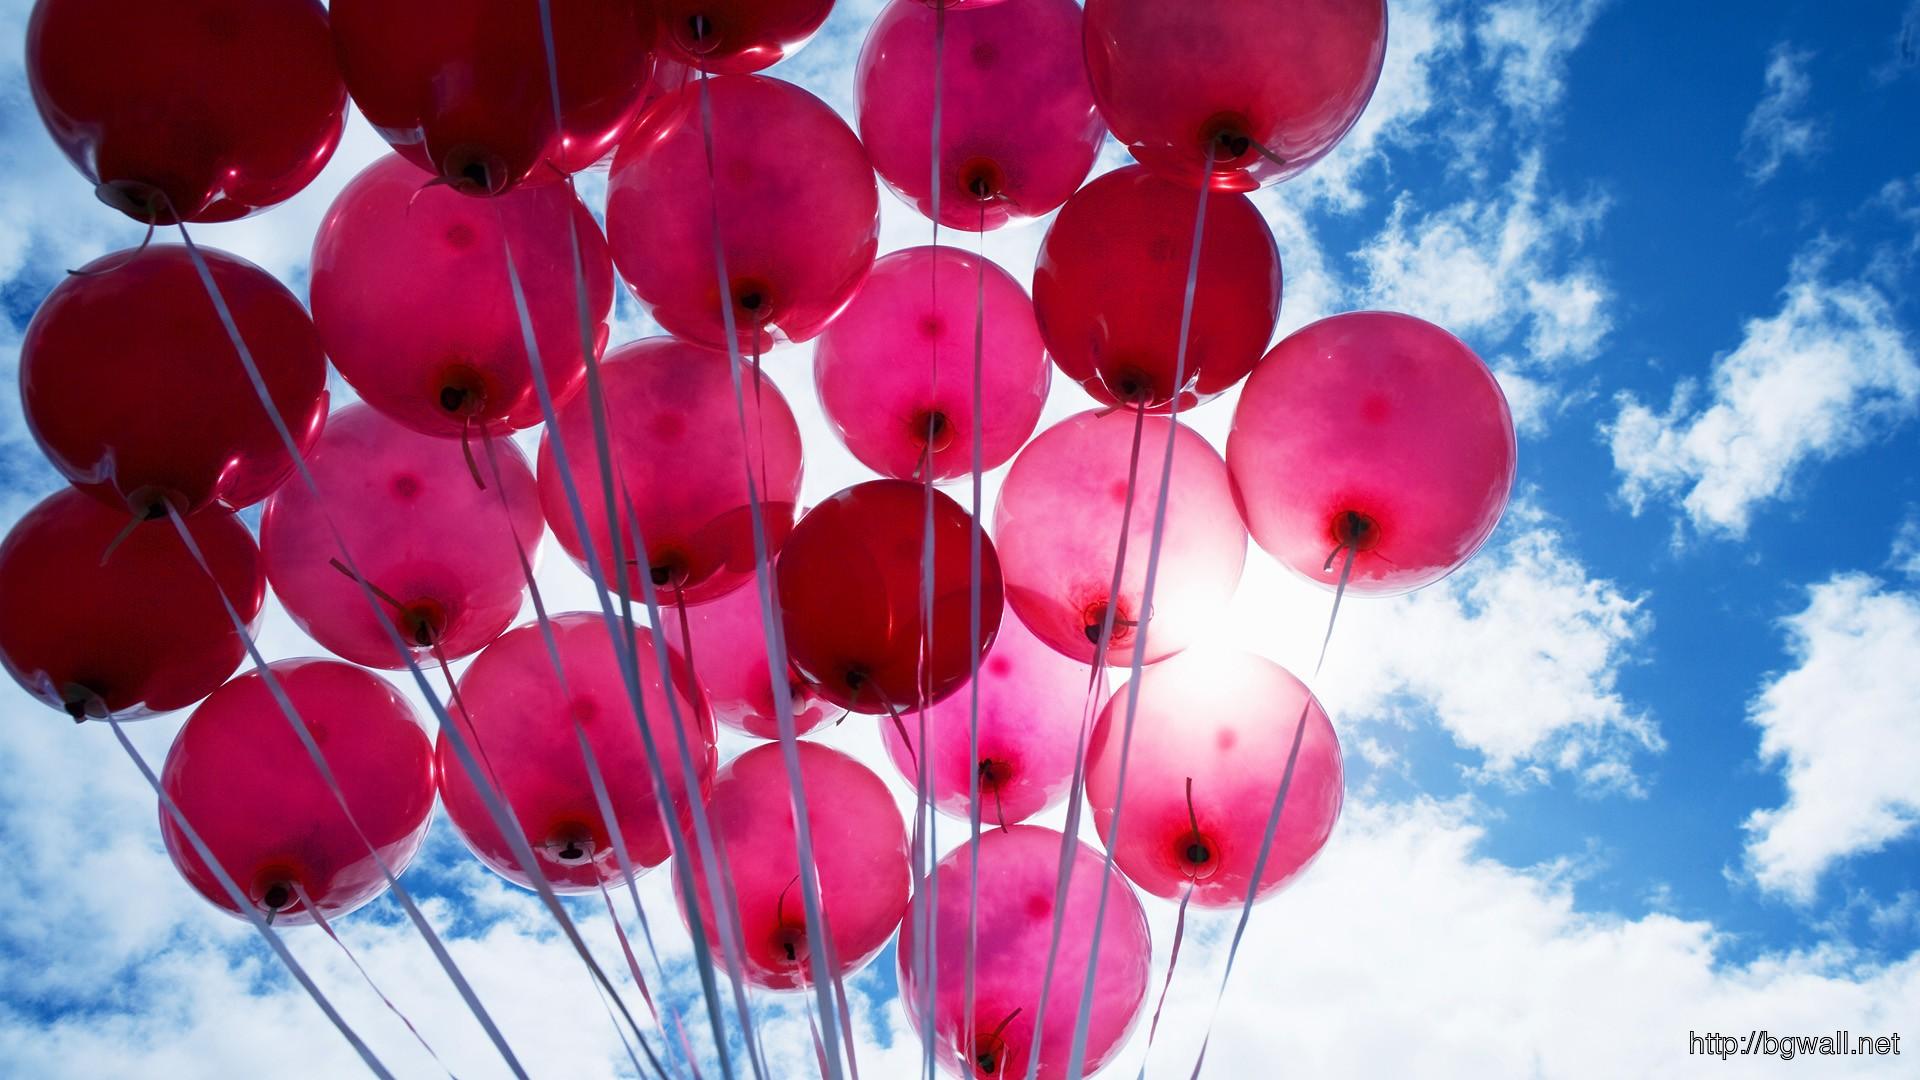 Pink Car Wallpaper Iphone Pink Balloons Hd Wallpaper Background Wallpaper Hd